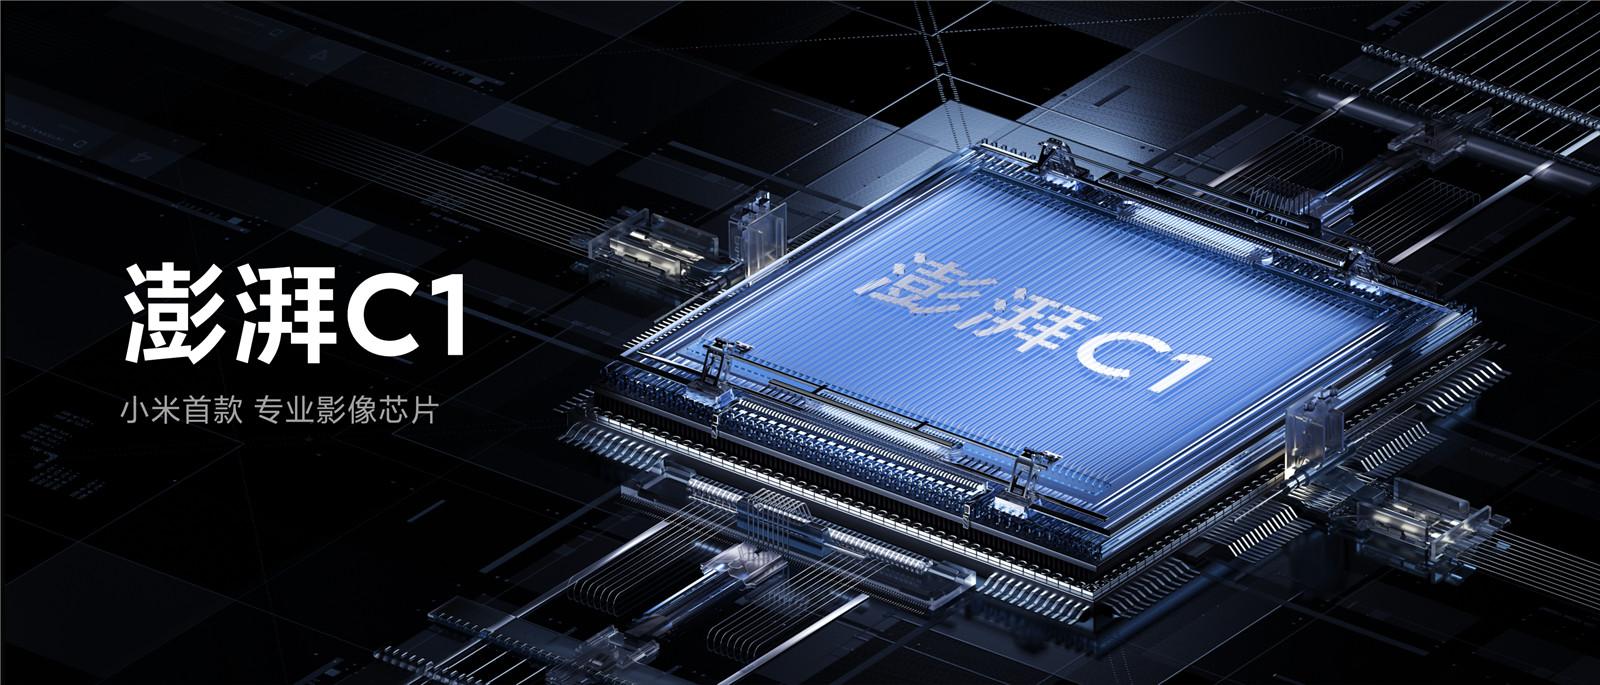 小米史上最贵量产机开售:首发澎湃芯 9999元起